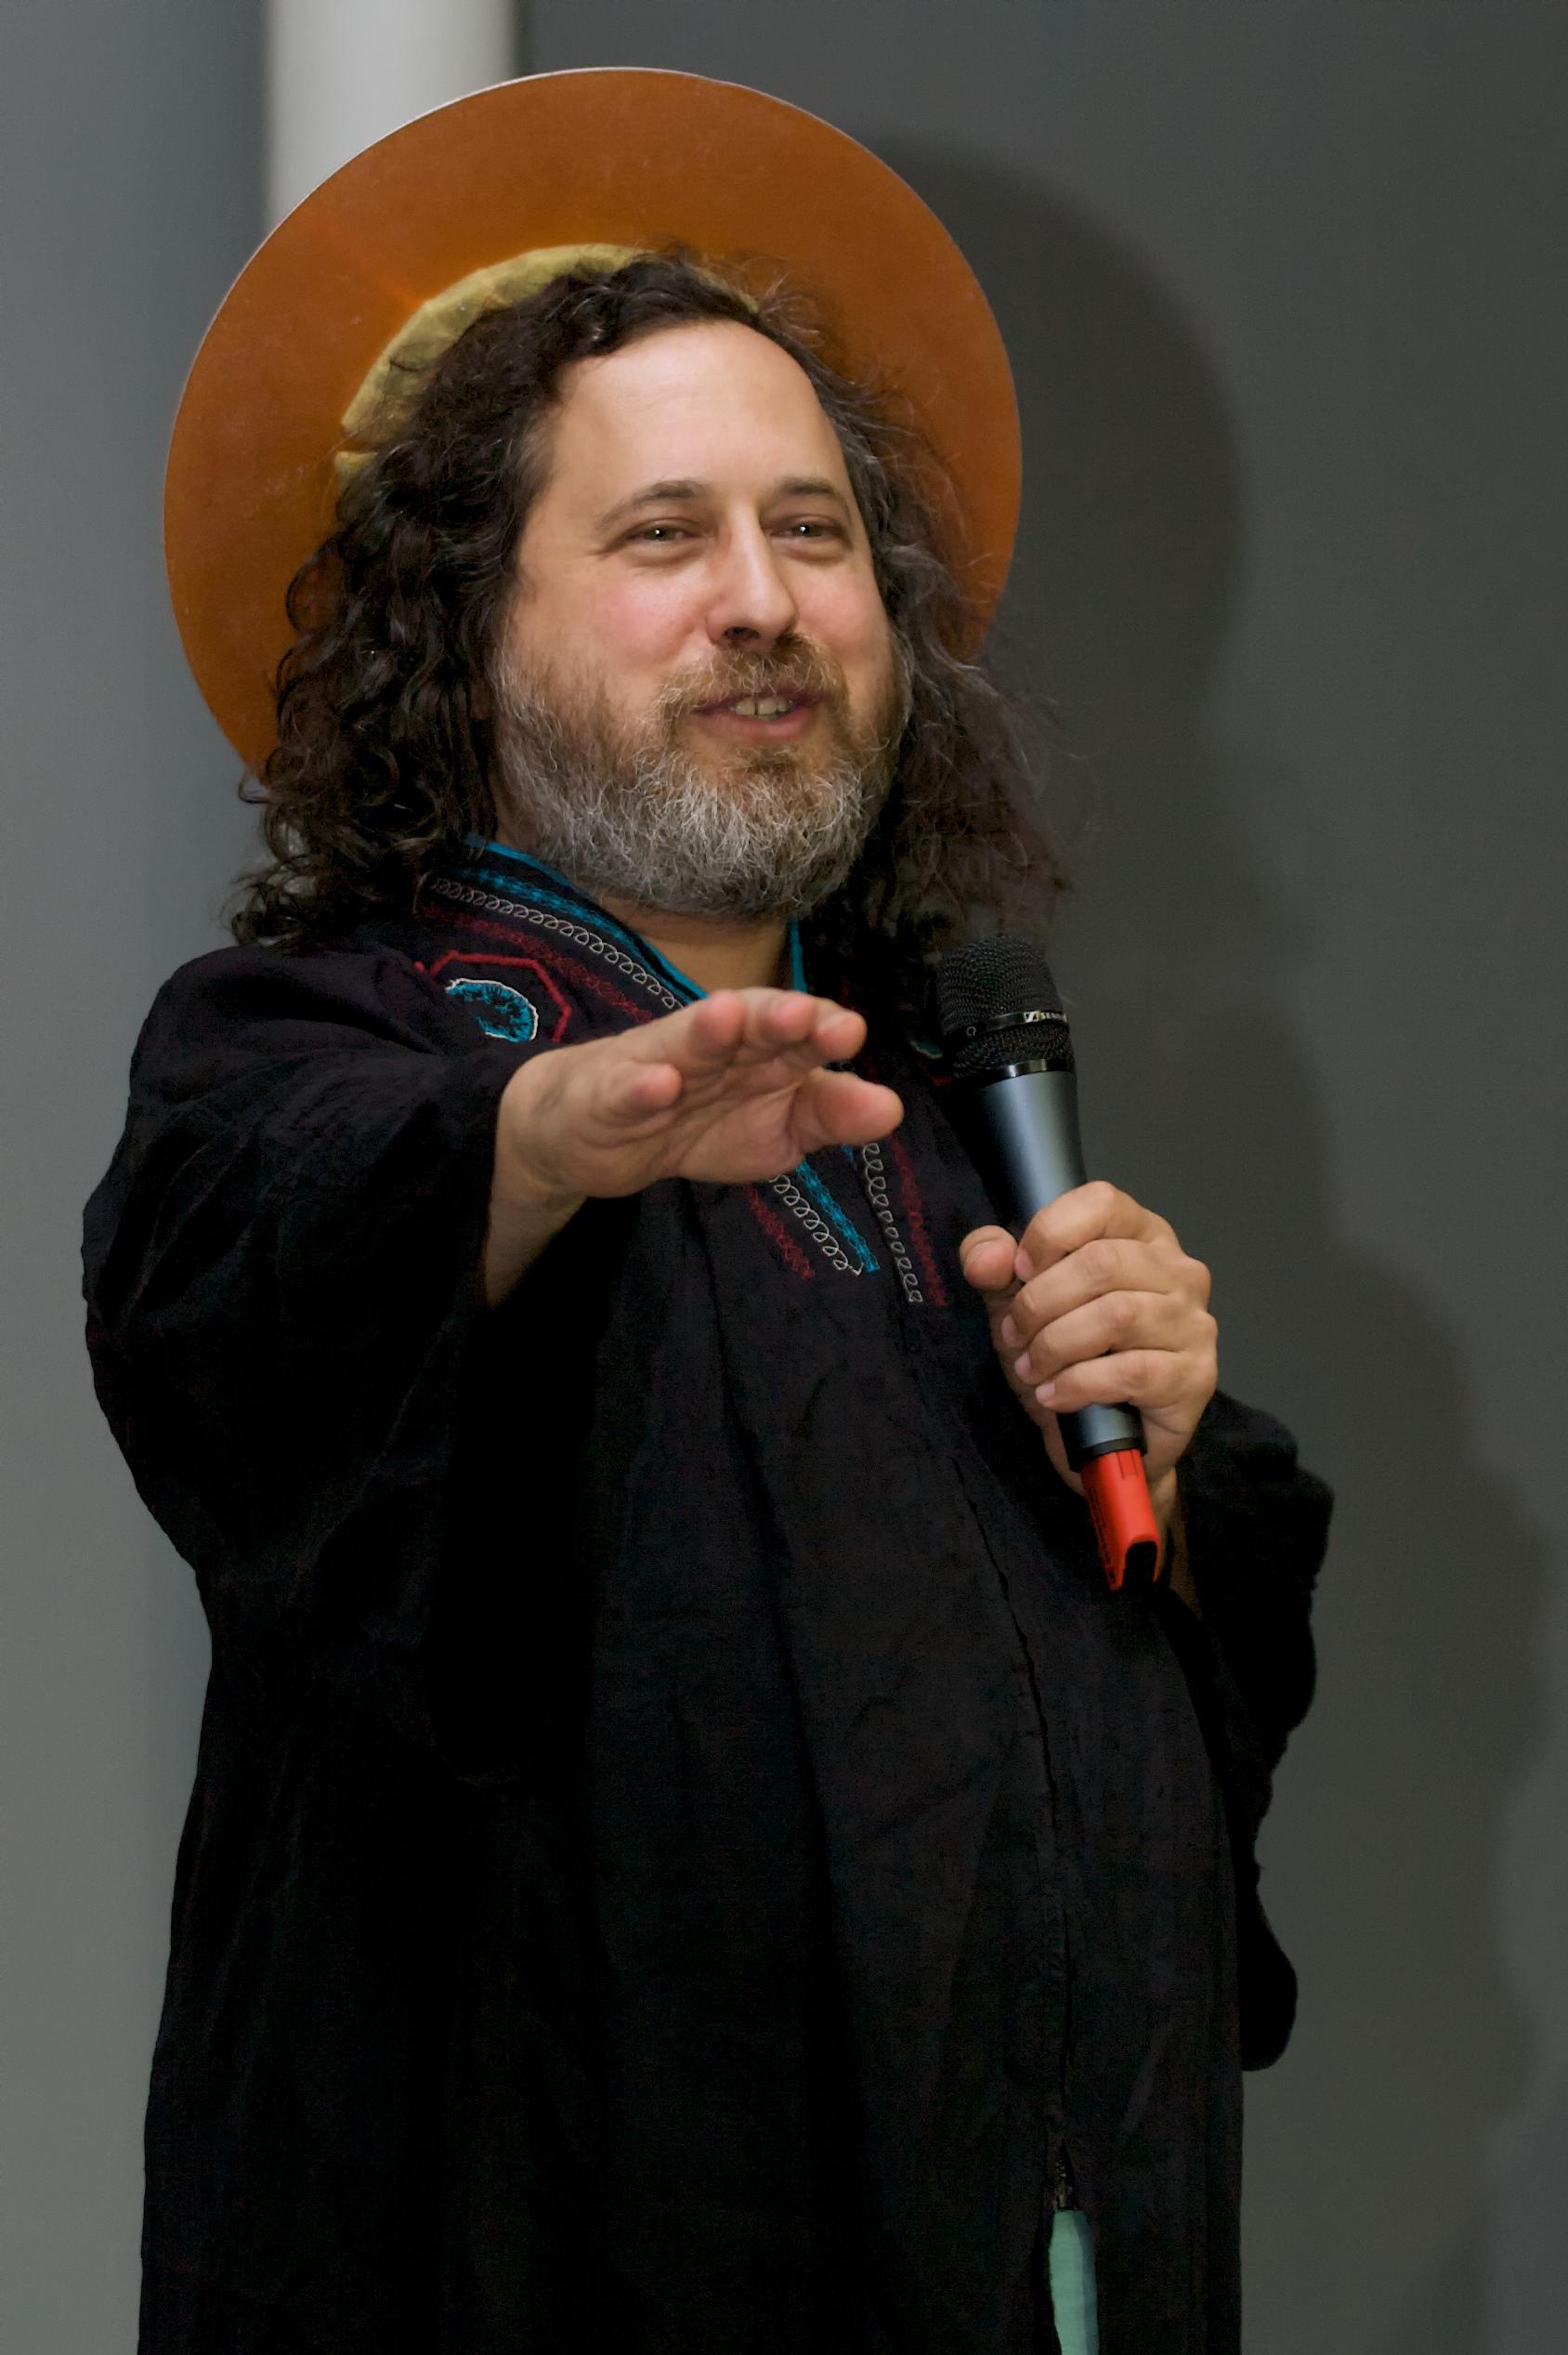 saint-stallman